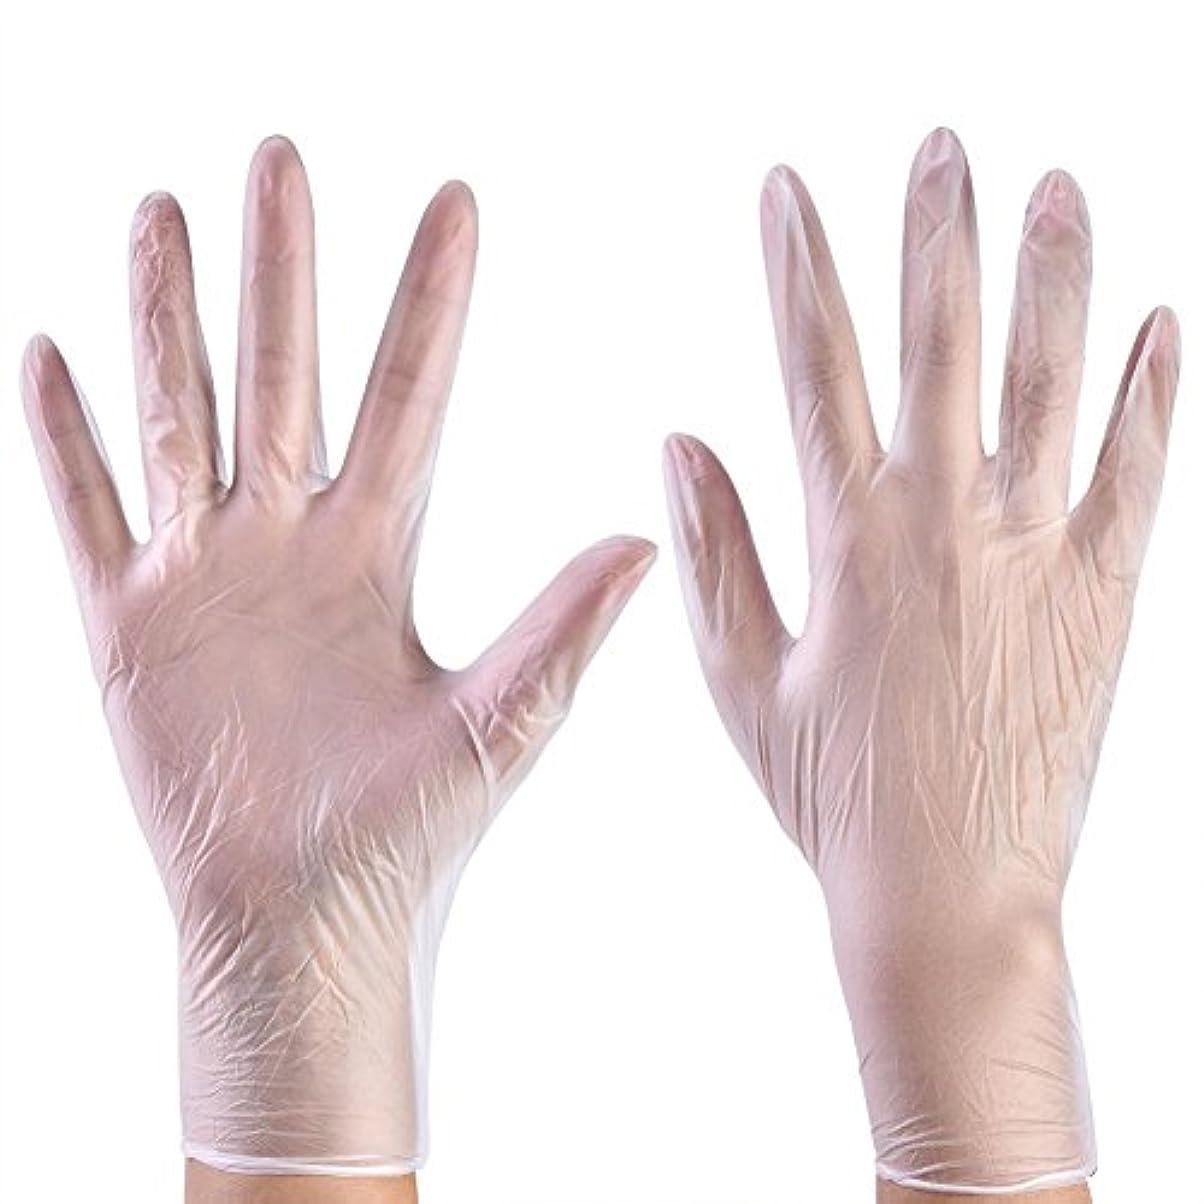 ハッチマニアック霧使い捨て手袋 ニトリルグローブ ホワイト 粉なし タトゥー/歯科/病院/研究室に適応 S/M/L選択可 100枚 左右兼用(L)